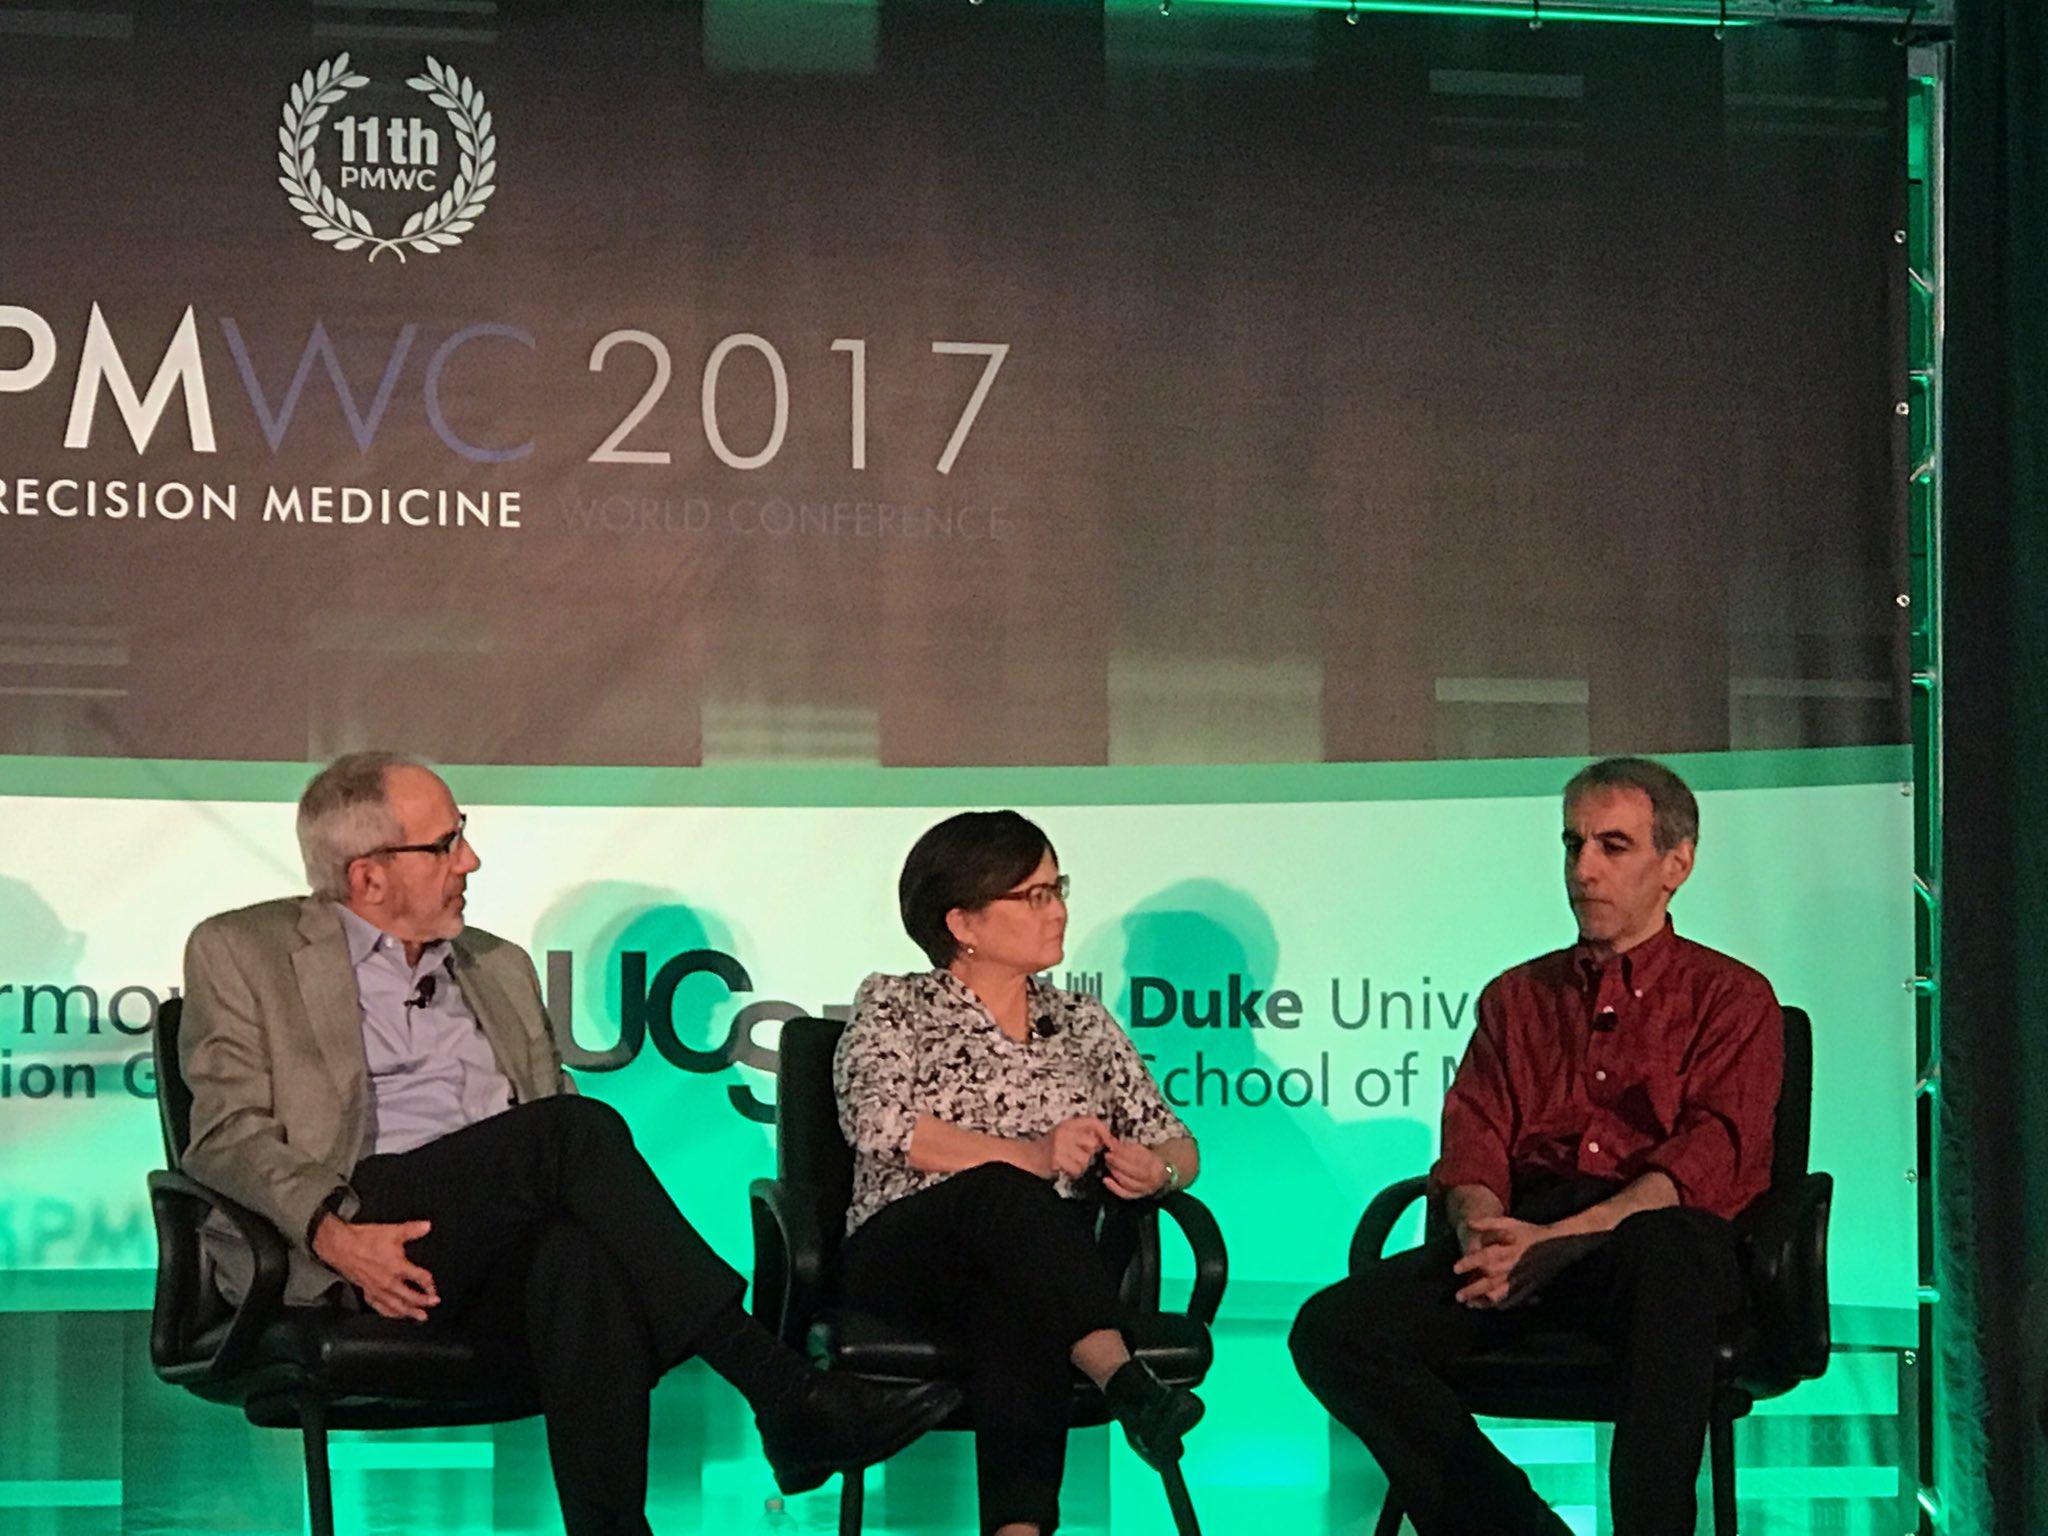 Greg Simon & David Glazer discuss #AllofUs and its role in democratizing #cancer #PMWC17 #PrecisionMedicine https://t.co/8IpLWIcFeX